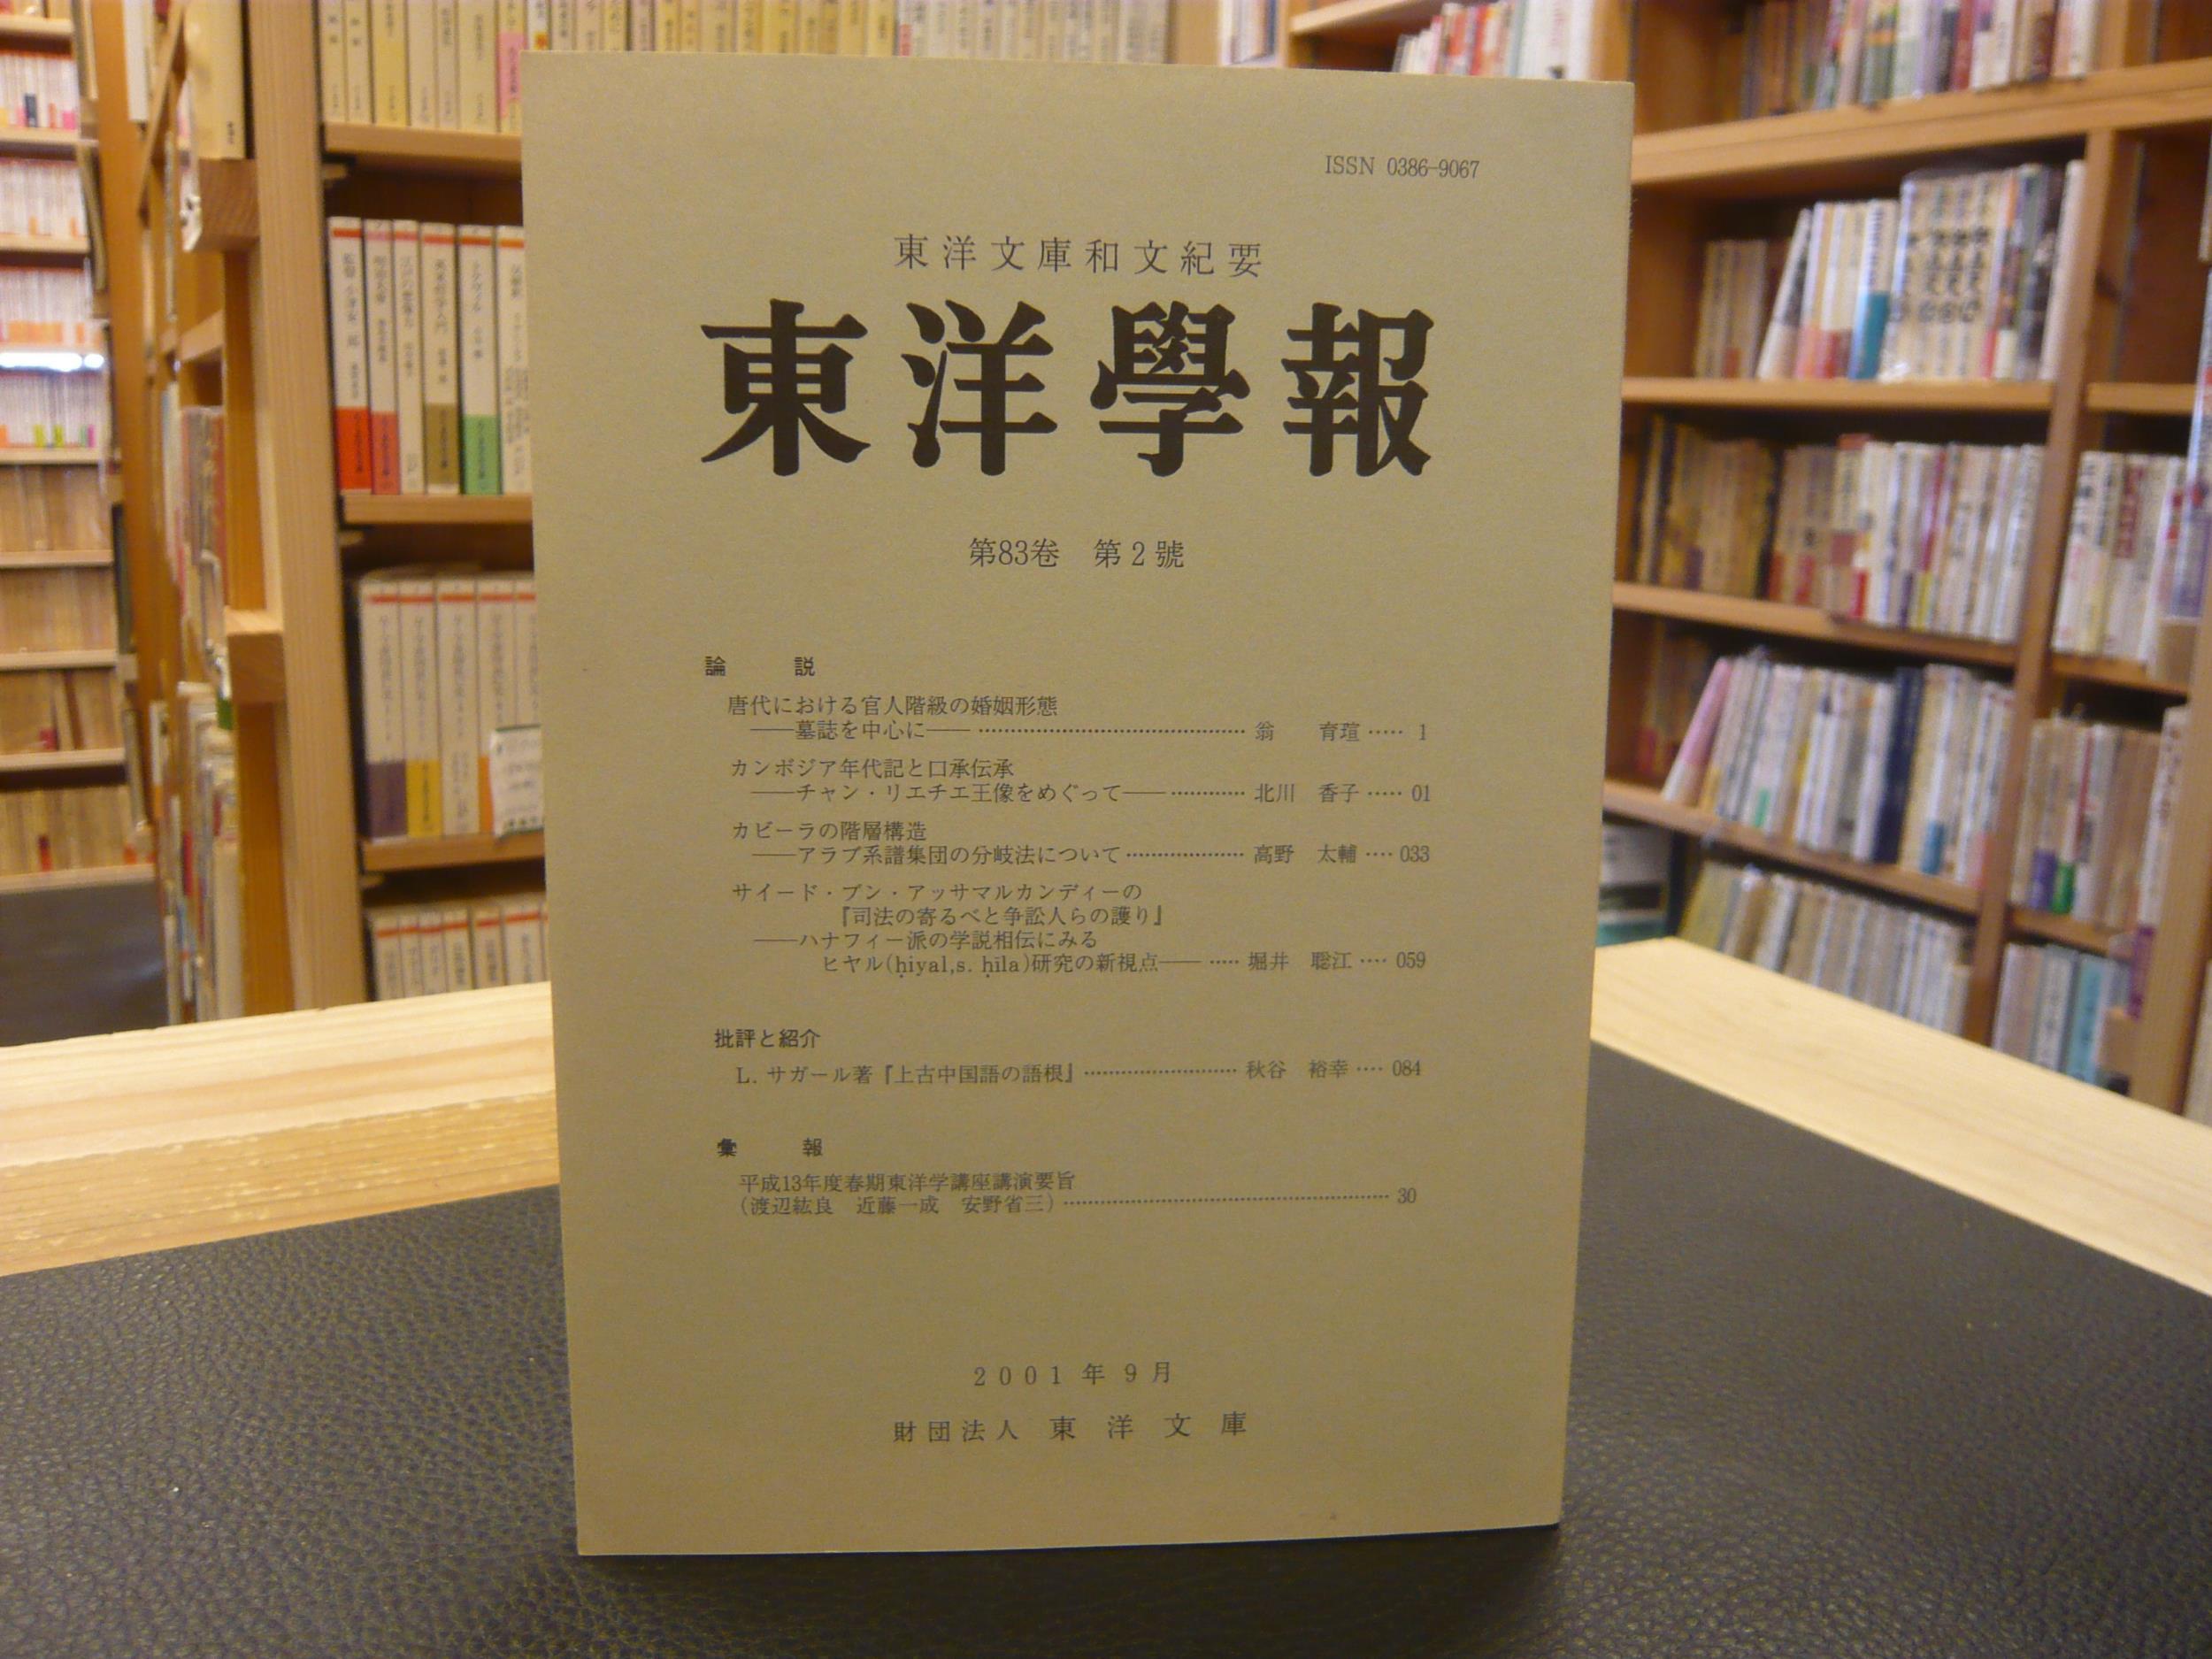 東洋学報 第83巻 第2号」 2001年9月 / 古書猛牛堂 / 古本 ...